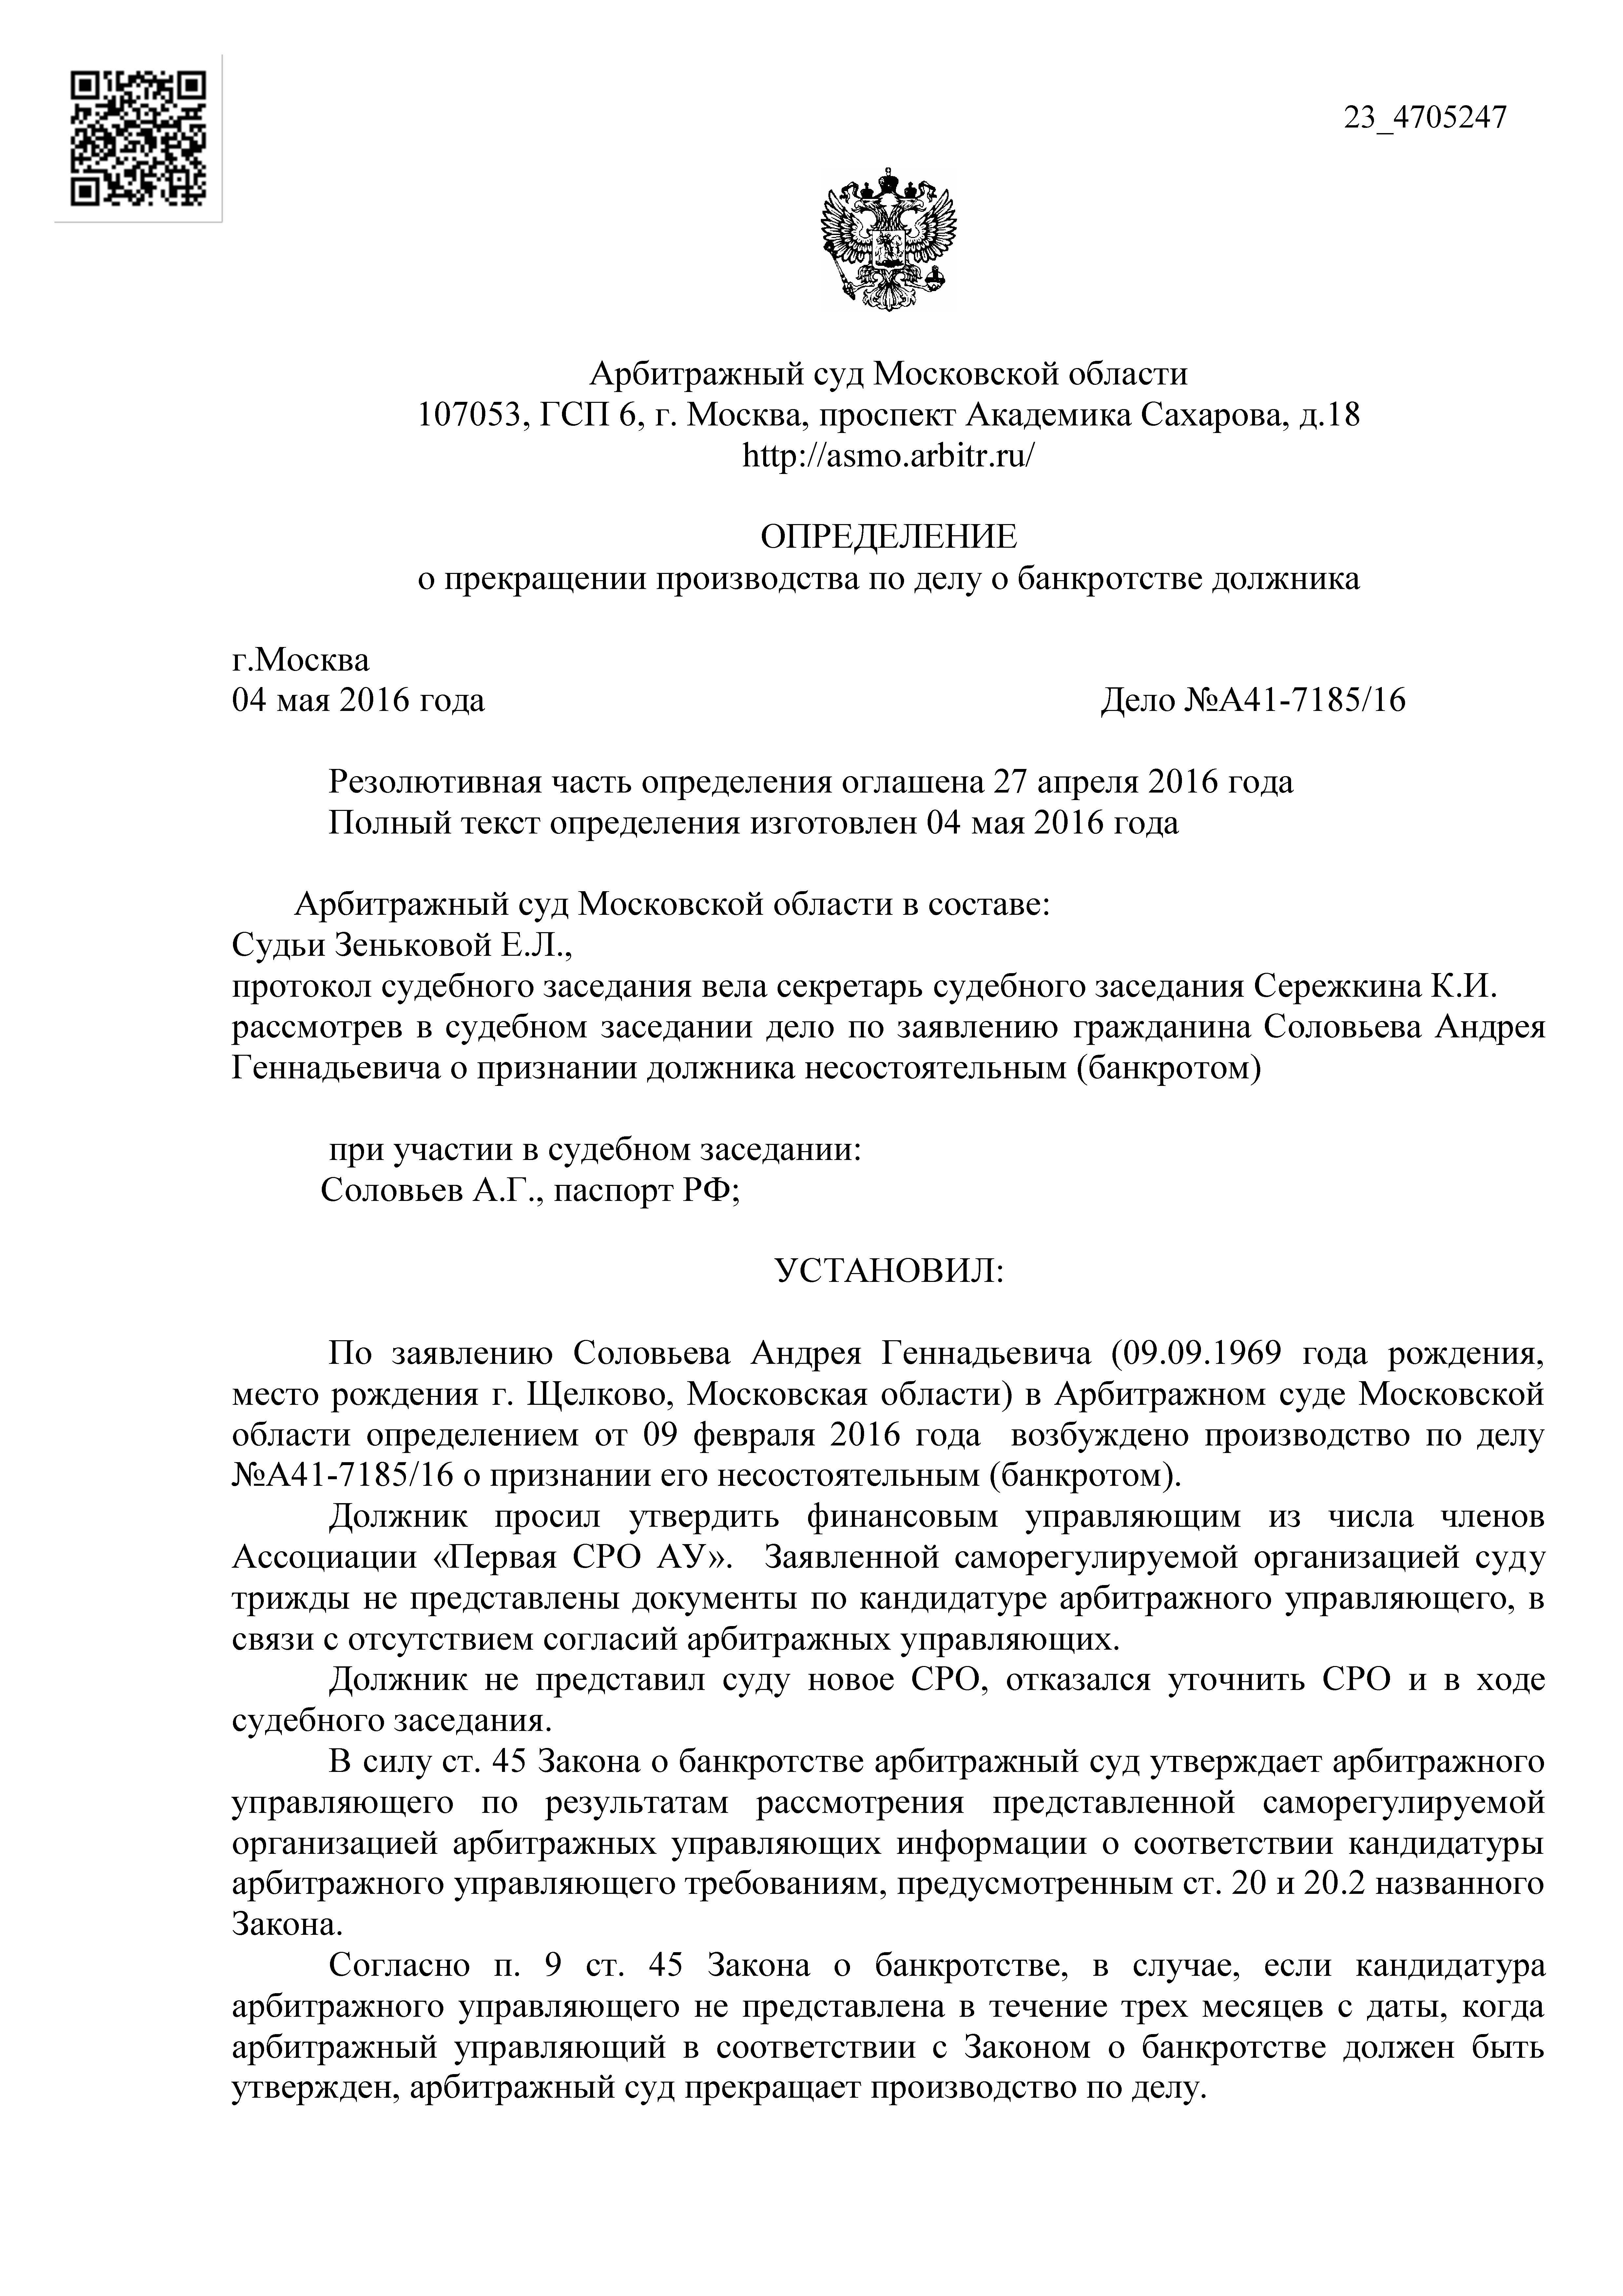 заявление о прекращении производства по делу о банкротстве в связи с отсутствием средств